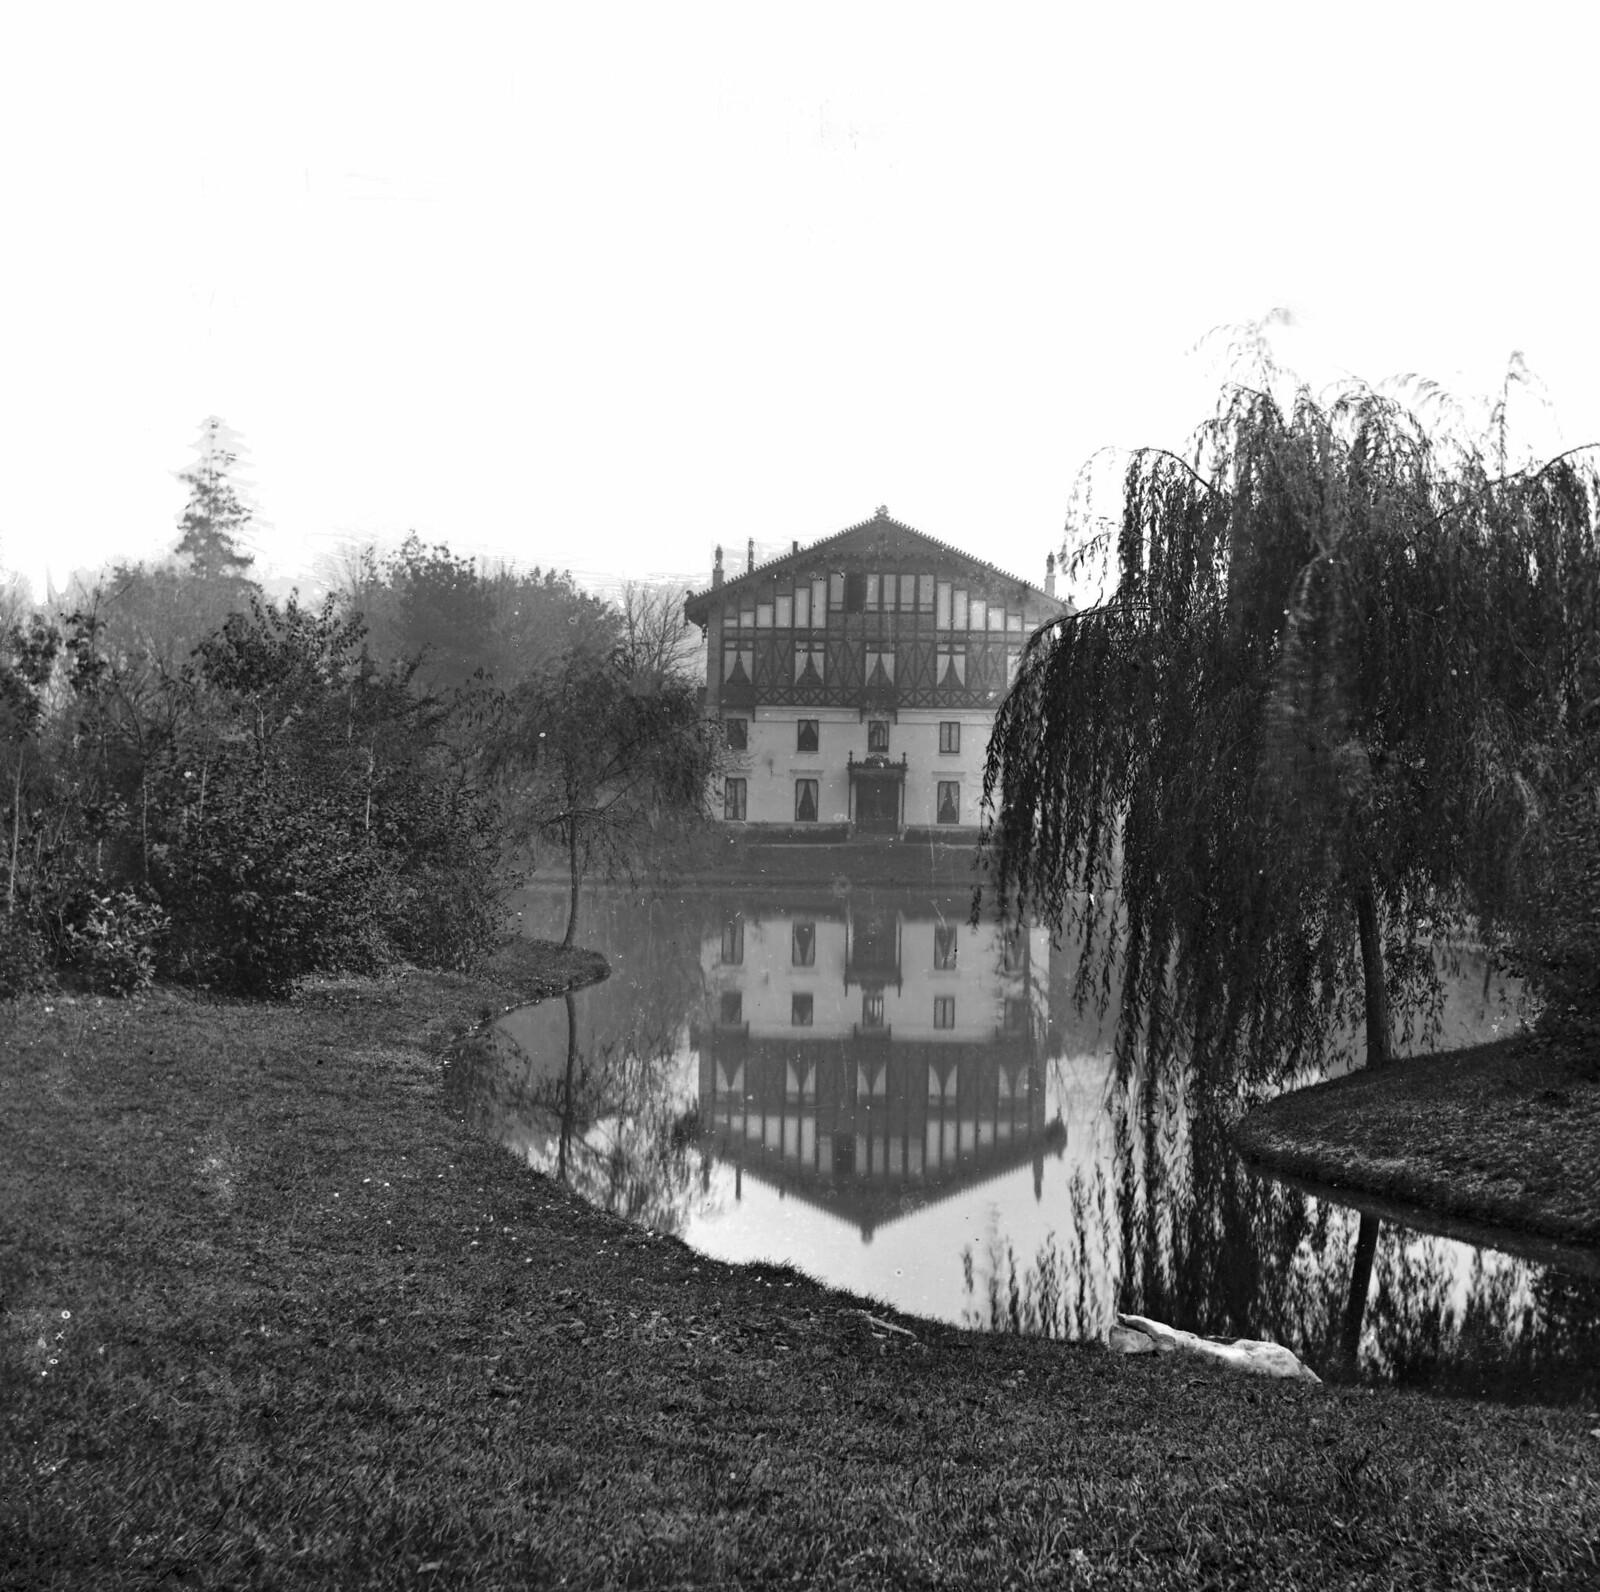 1865. Павильон Арменонвиль на берегу пруда в Булонском лесу